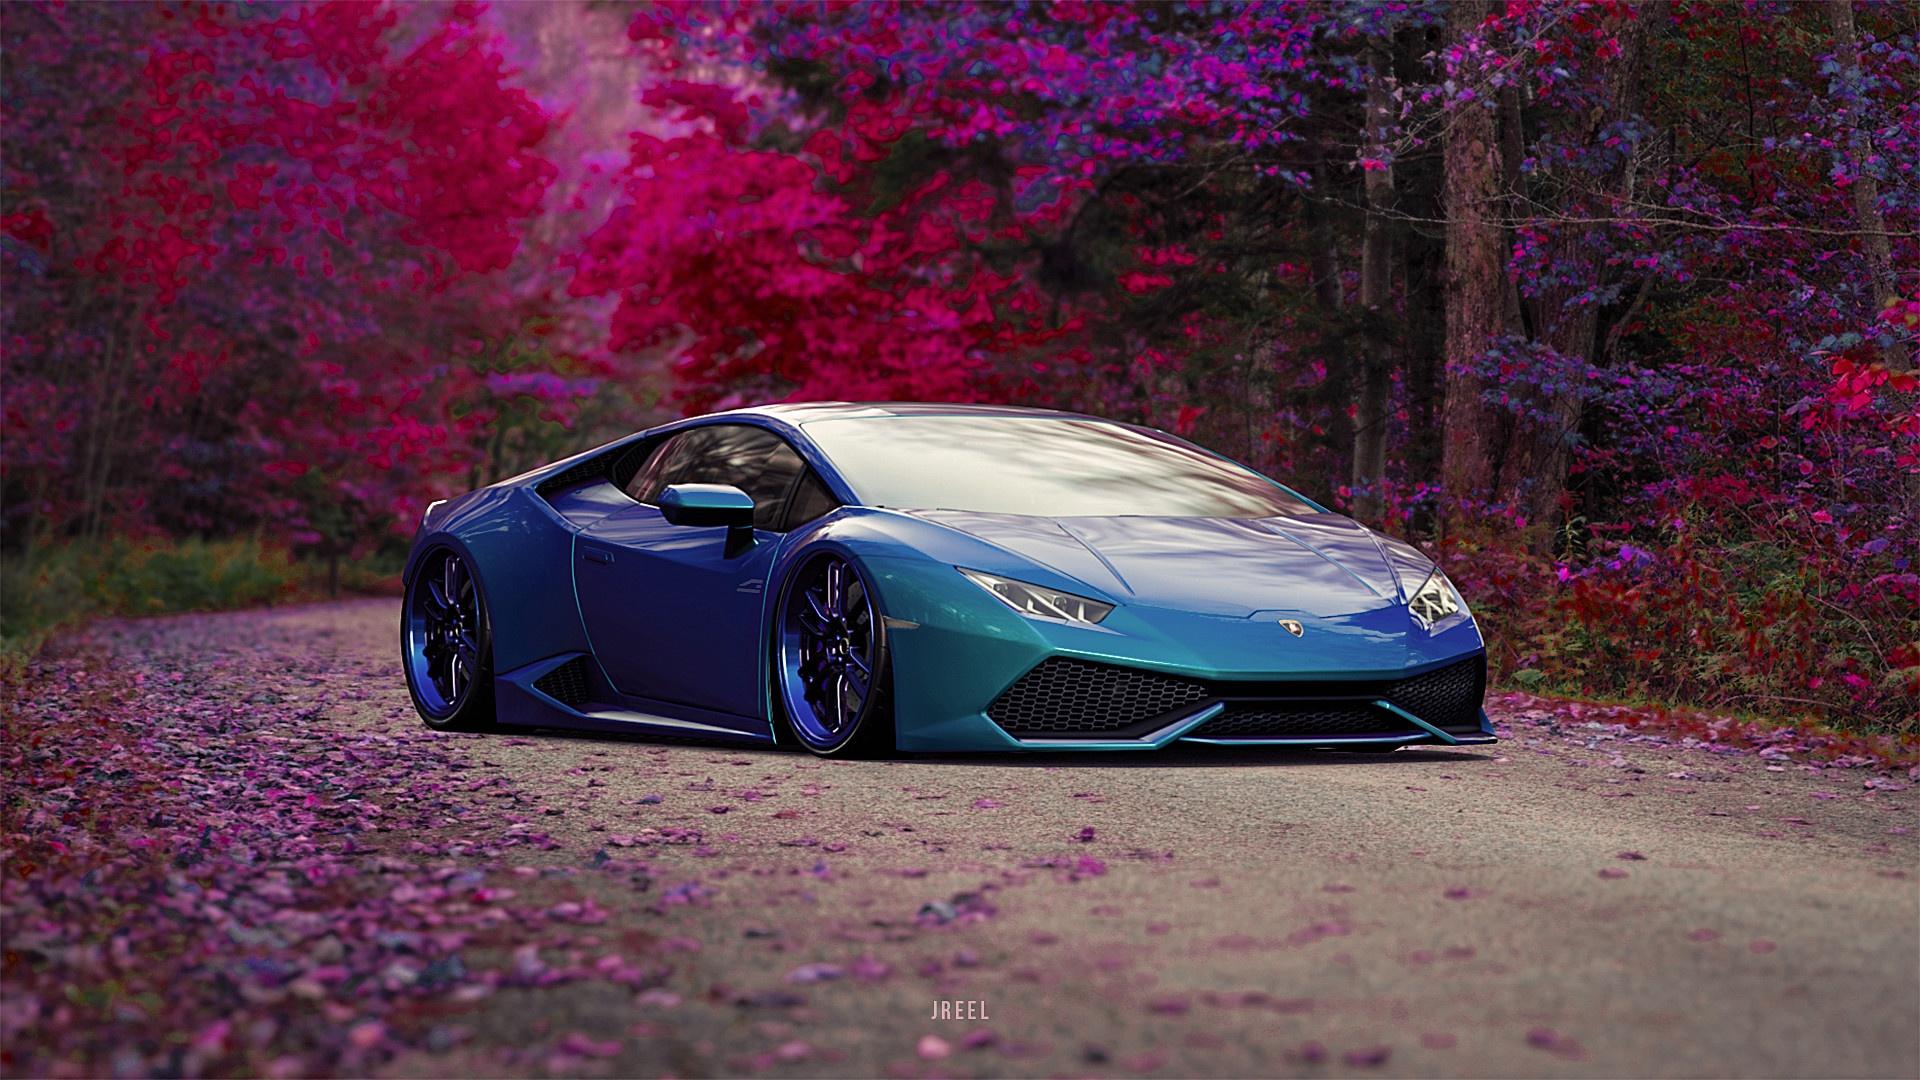 1920x1080 Blue Lamborghini Huracan Car Laptop Full HD ...